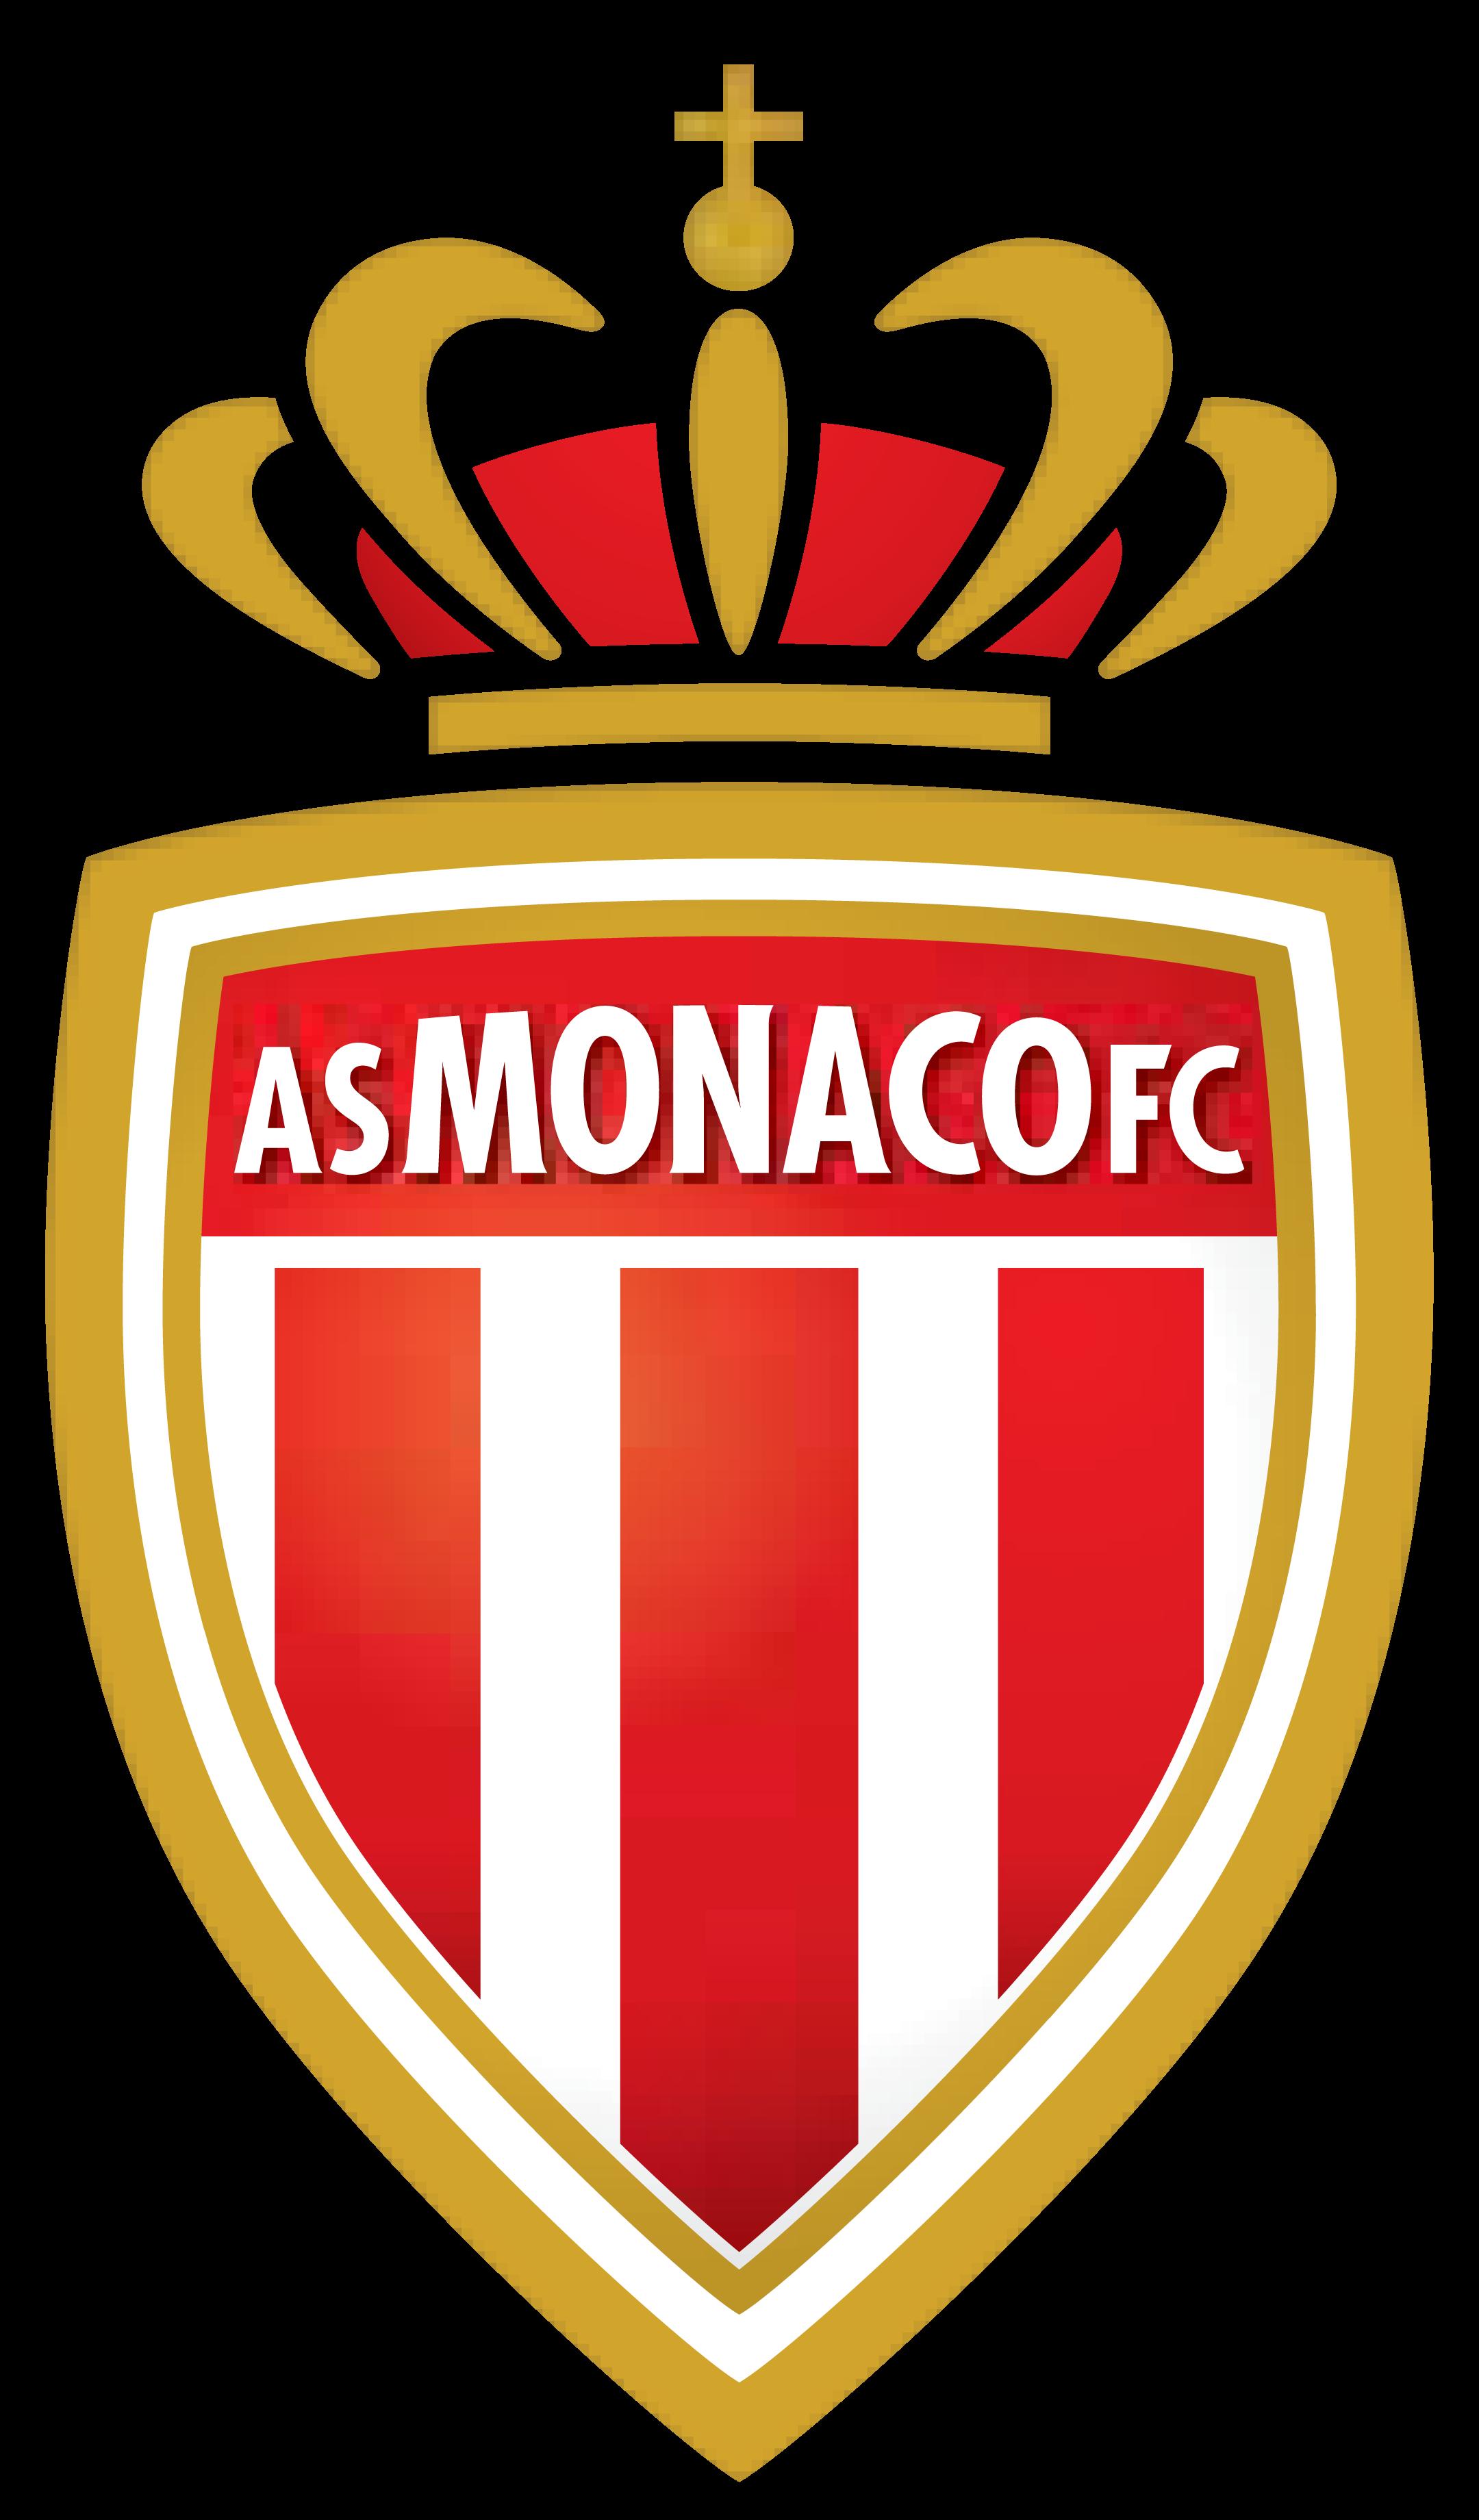 monaco fc logo 1 - Monaco FC Logo